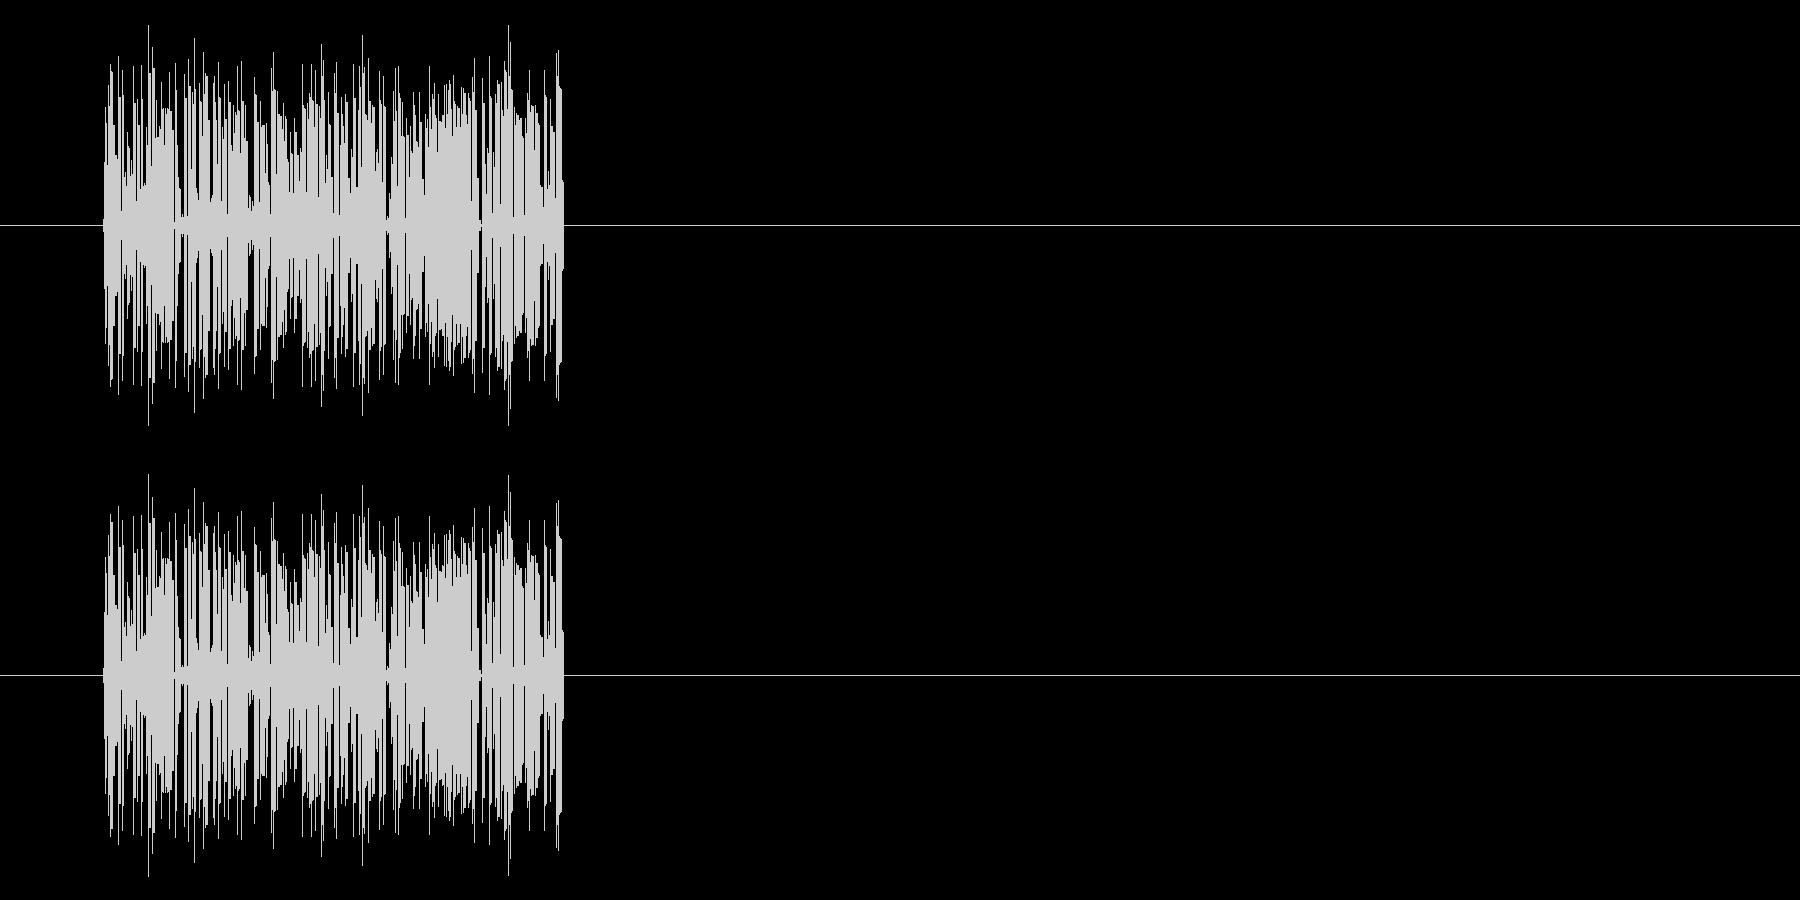 【NES RPG03-05(魔法 炎)】の未再生の波形